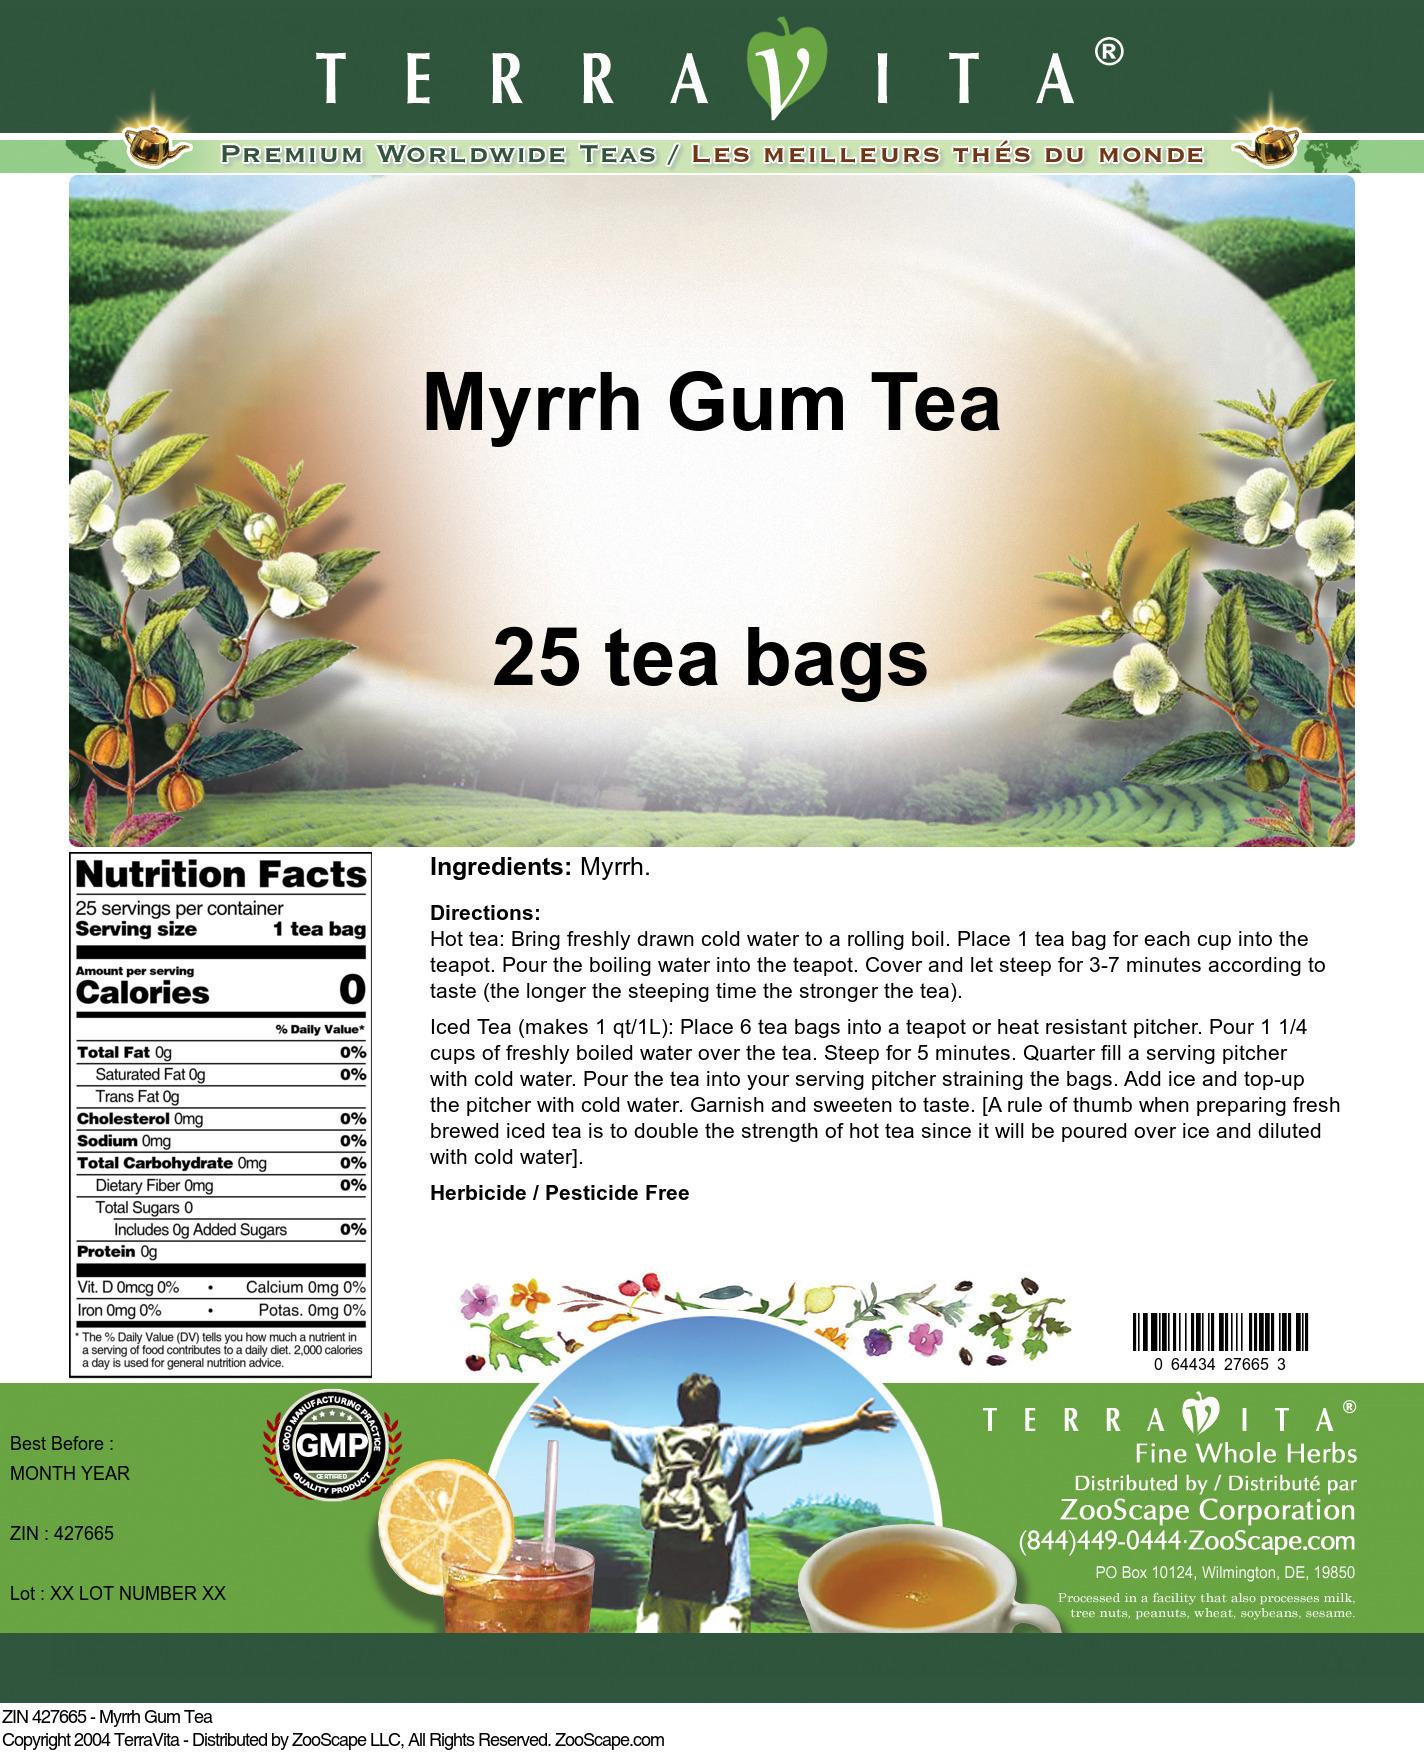 Myrrh Gum Tea